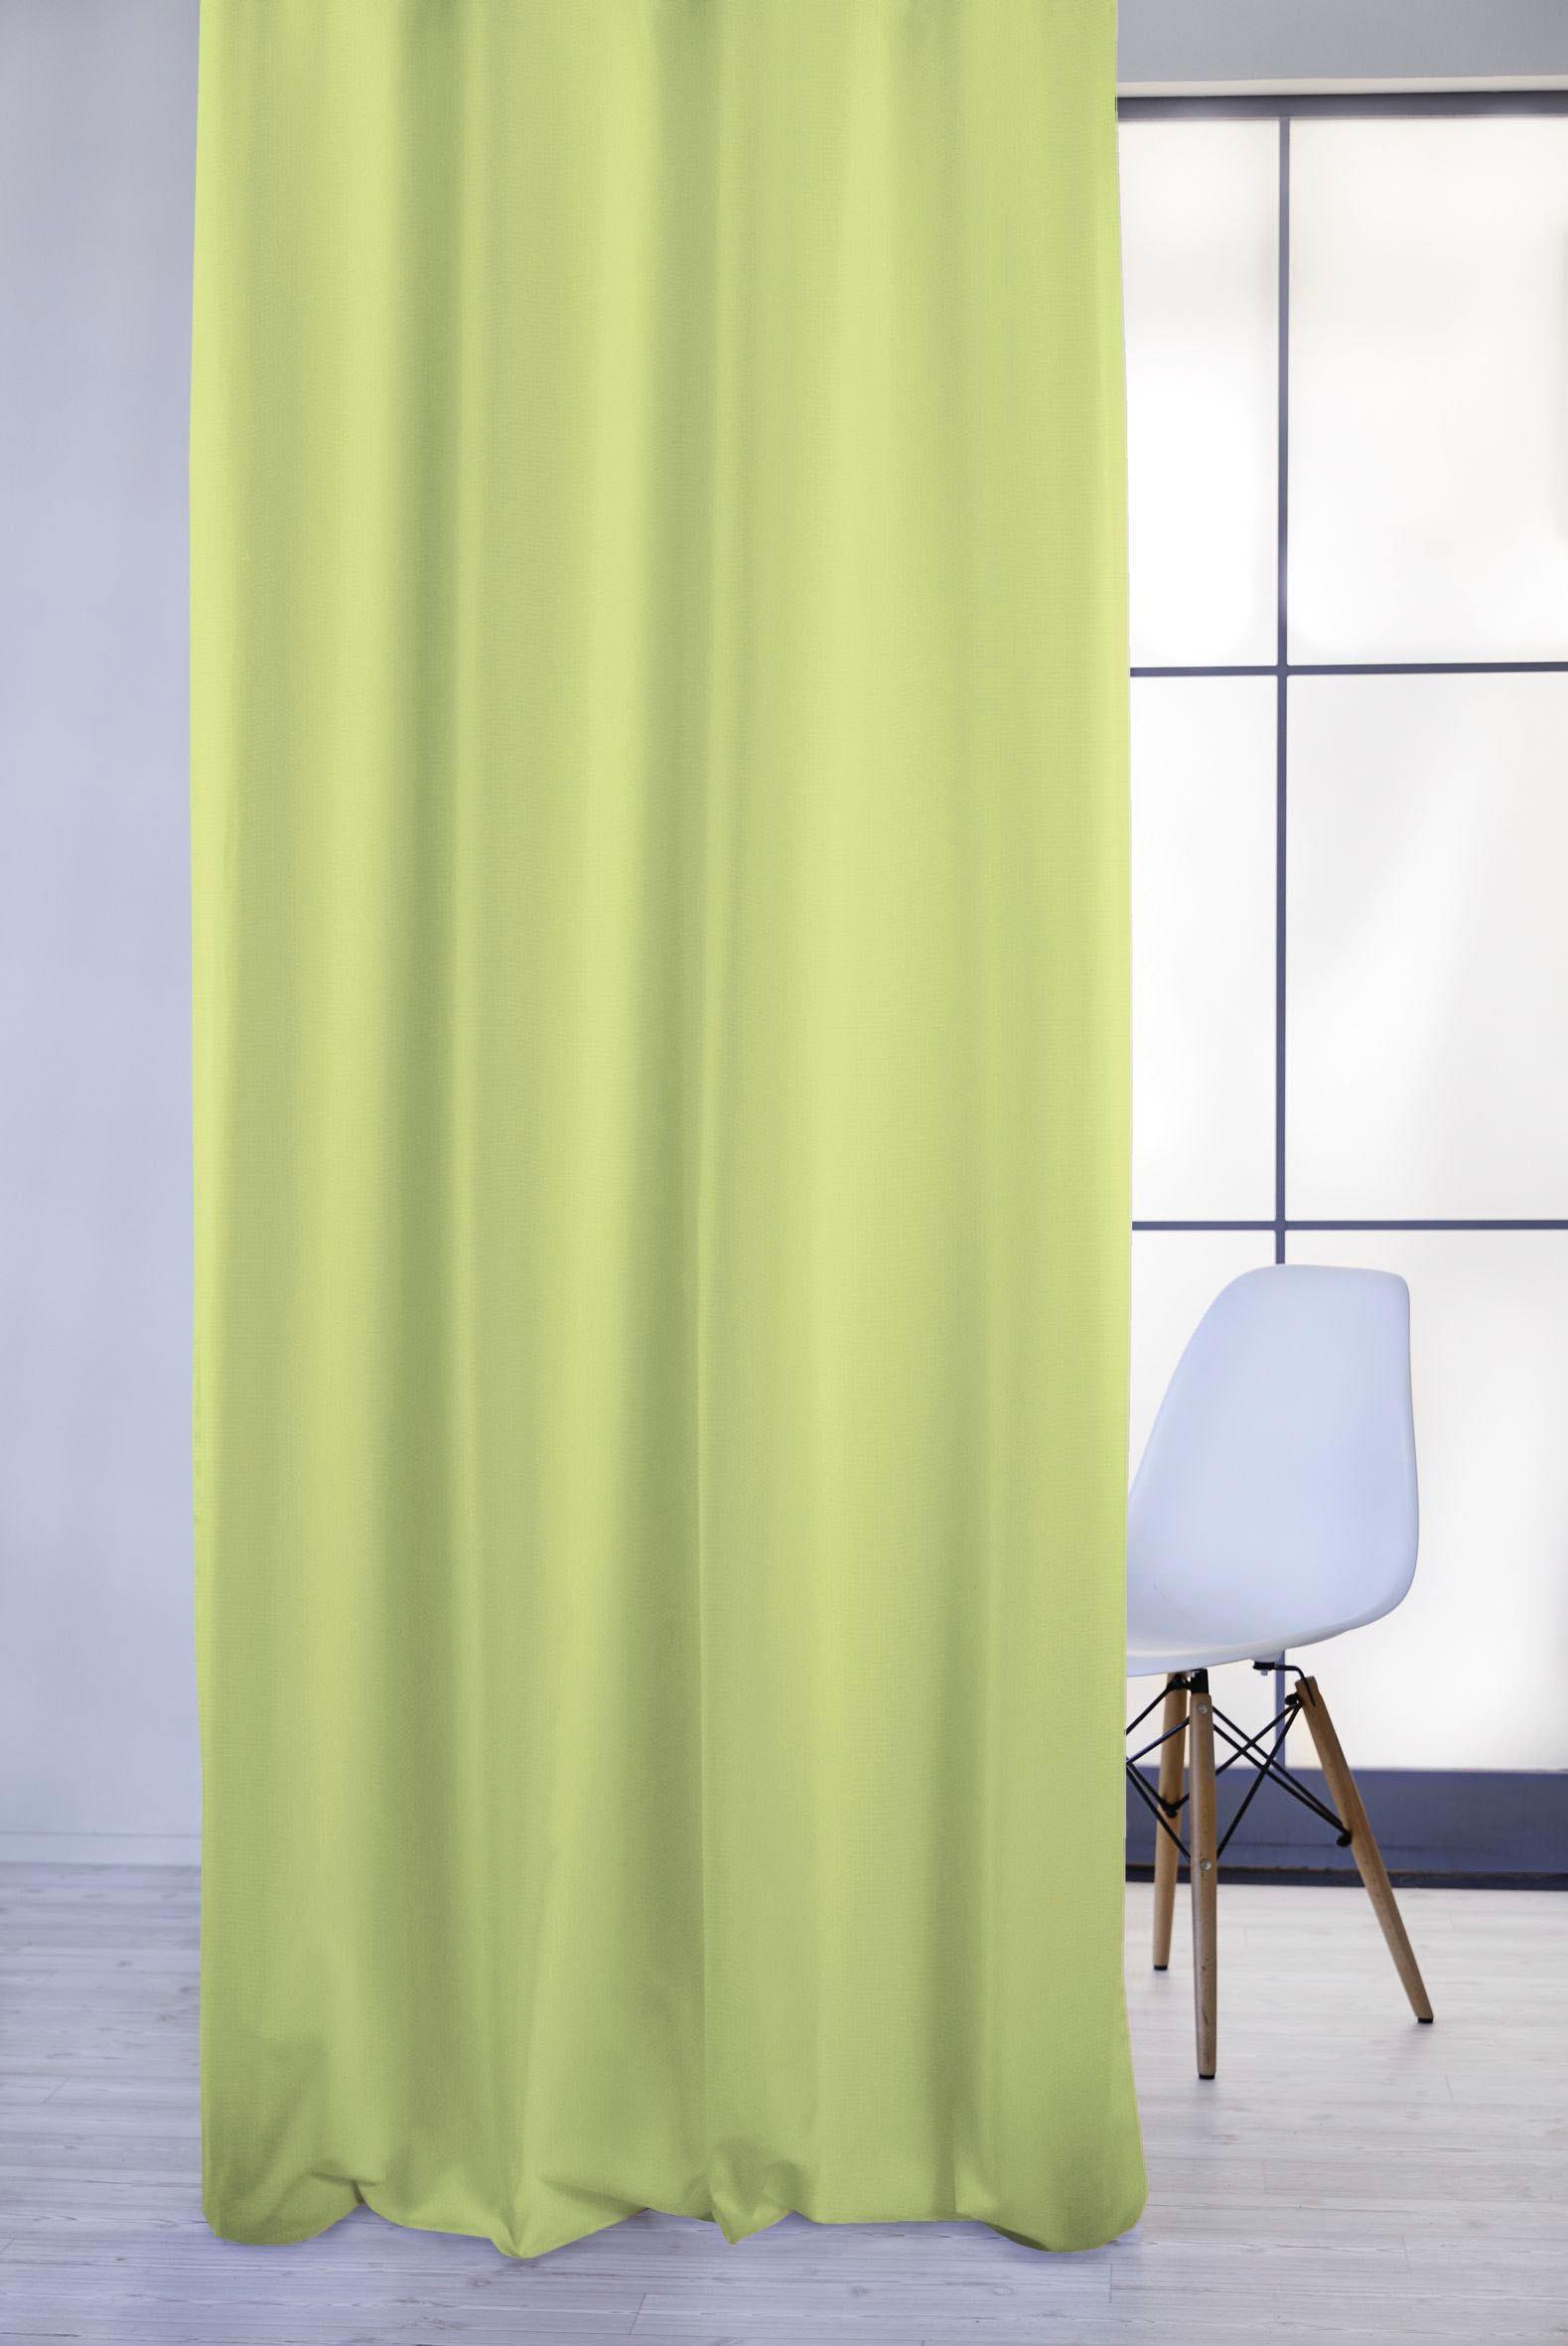 APELT Vorhang 4362 Rips Uni, Pflegeleichter Uni grün Wohnzimmergardinen Gardinen nach Räumen Vorhänge